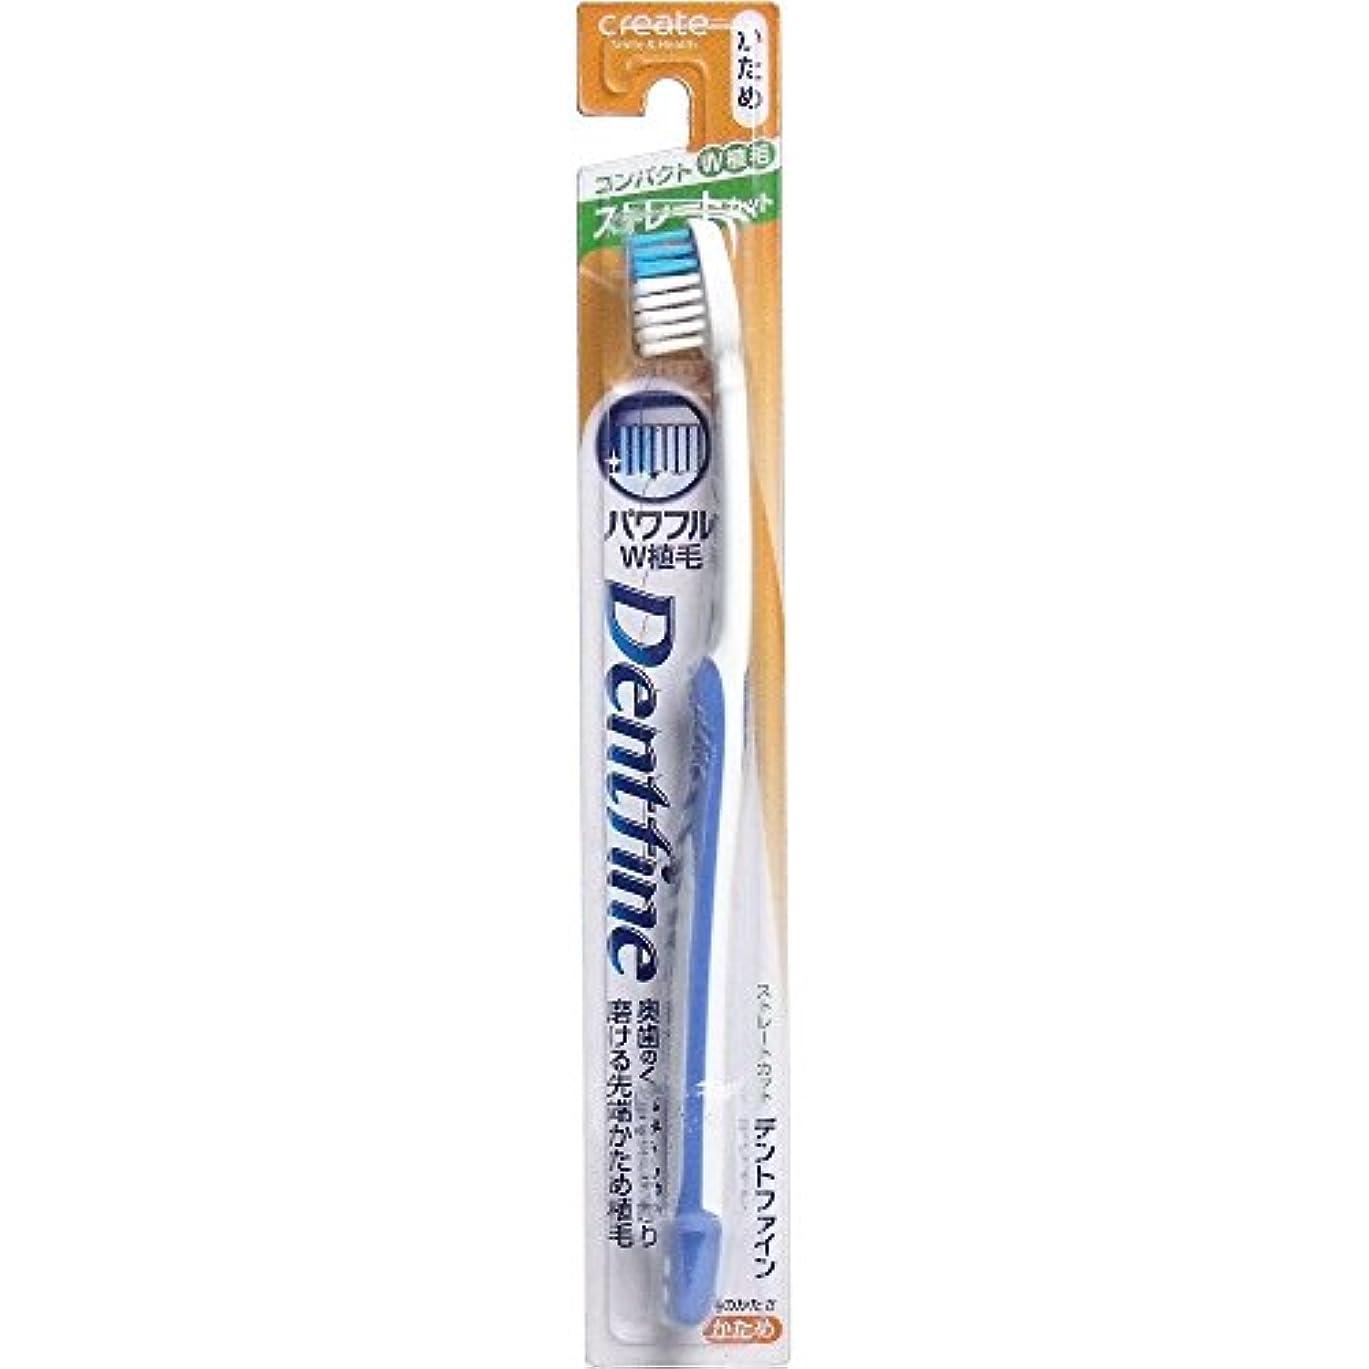 シャッフル腹痛キャンバスデントファイン ラバーグリップ ストレートカット 歯ブラシ かため 1本:ブルー